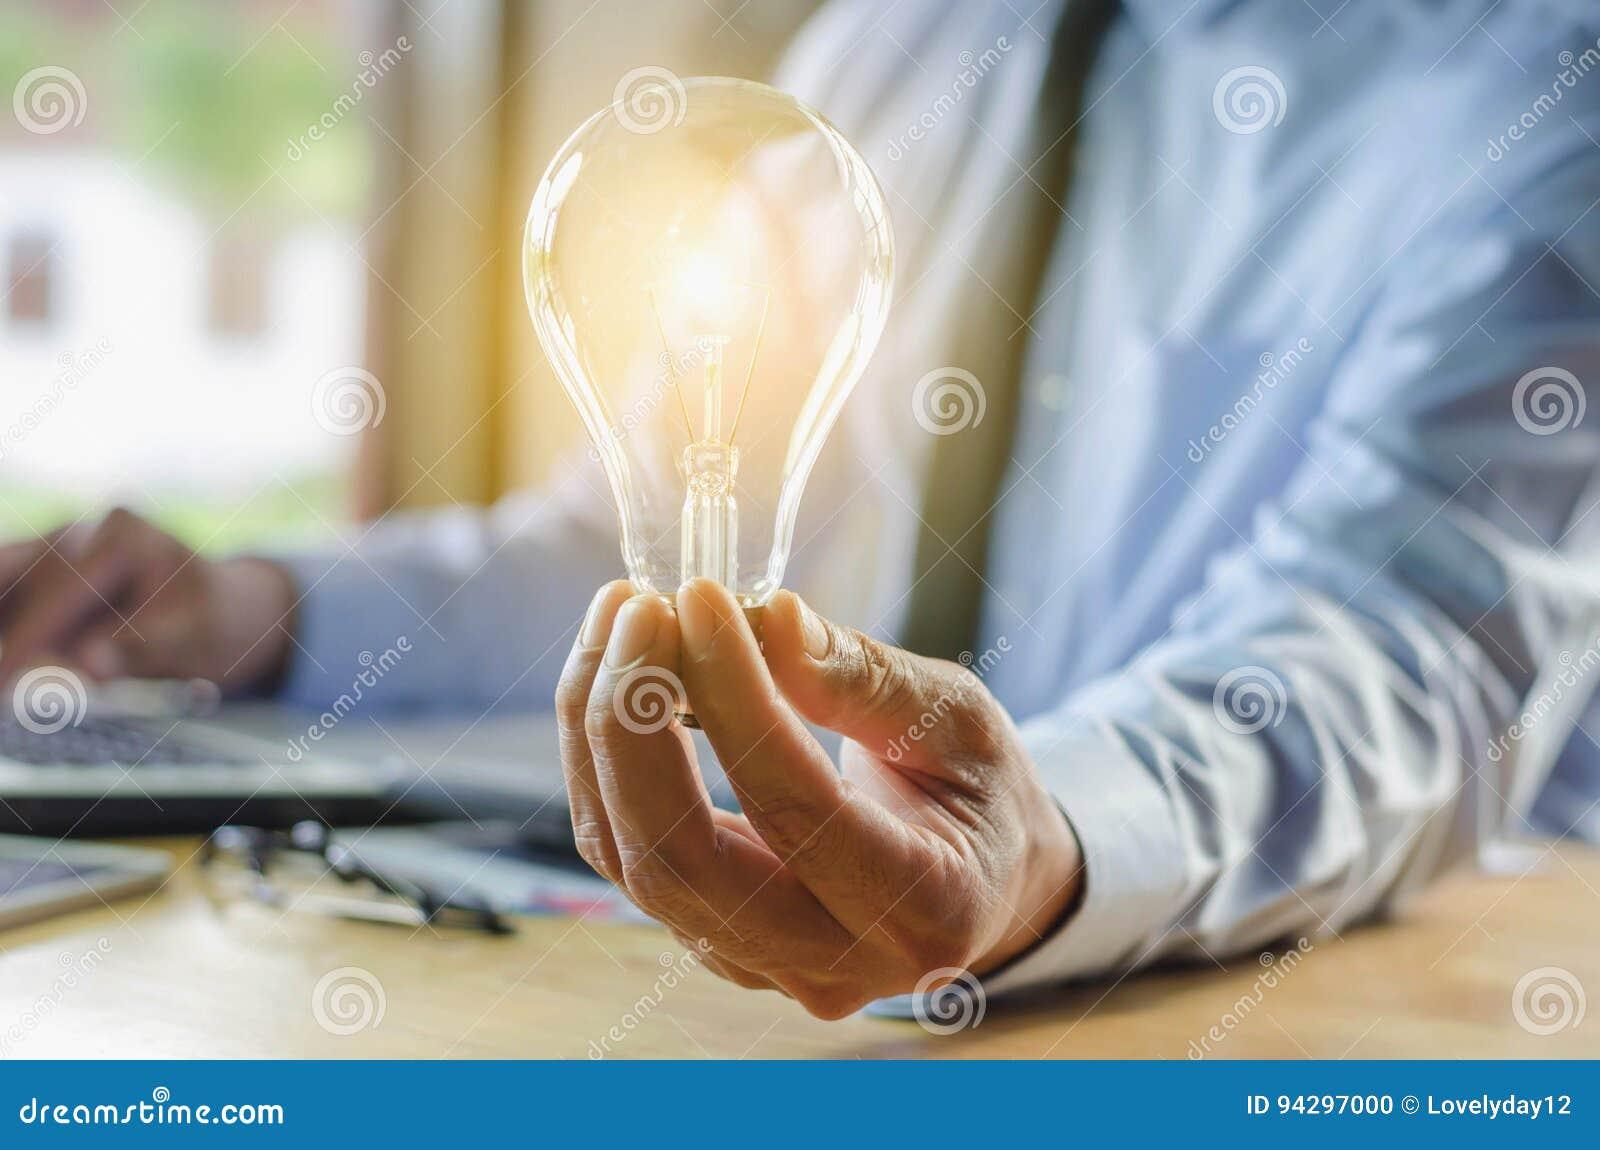 λάμπα φωτός εκμετάλλευσης επιχειρησιακών ατόμων, ιδέα έννοιας με την καινοτομία